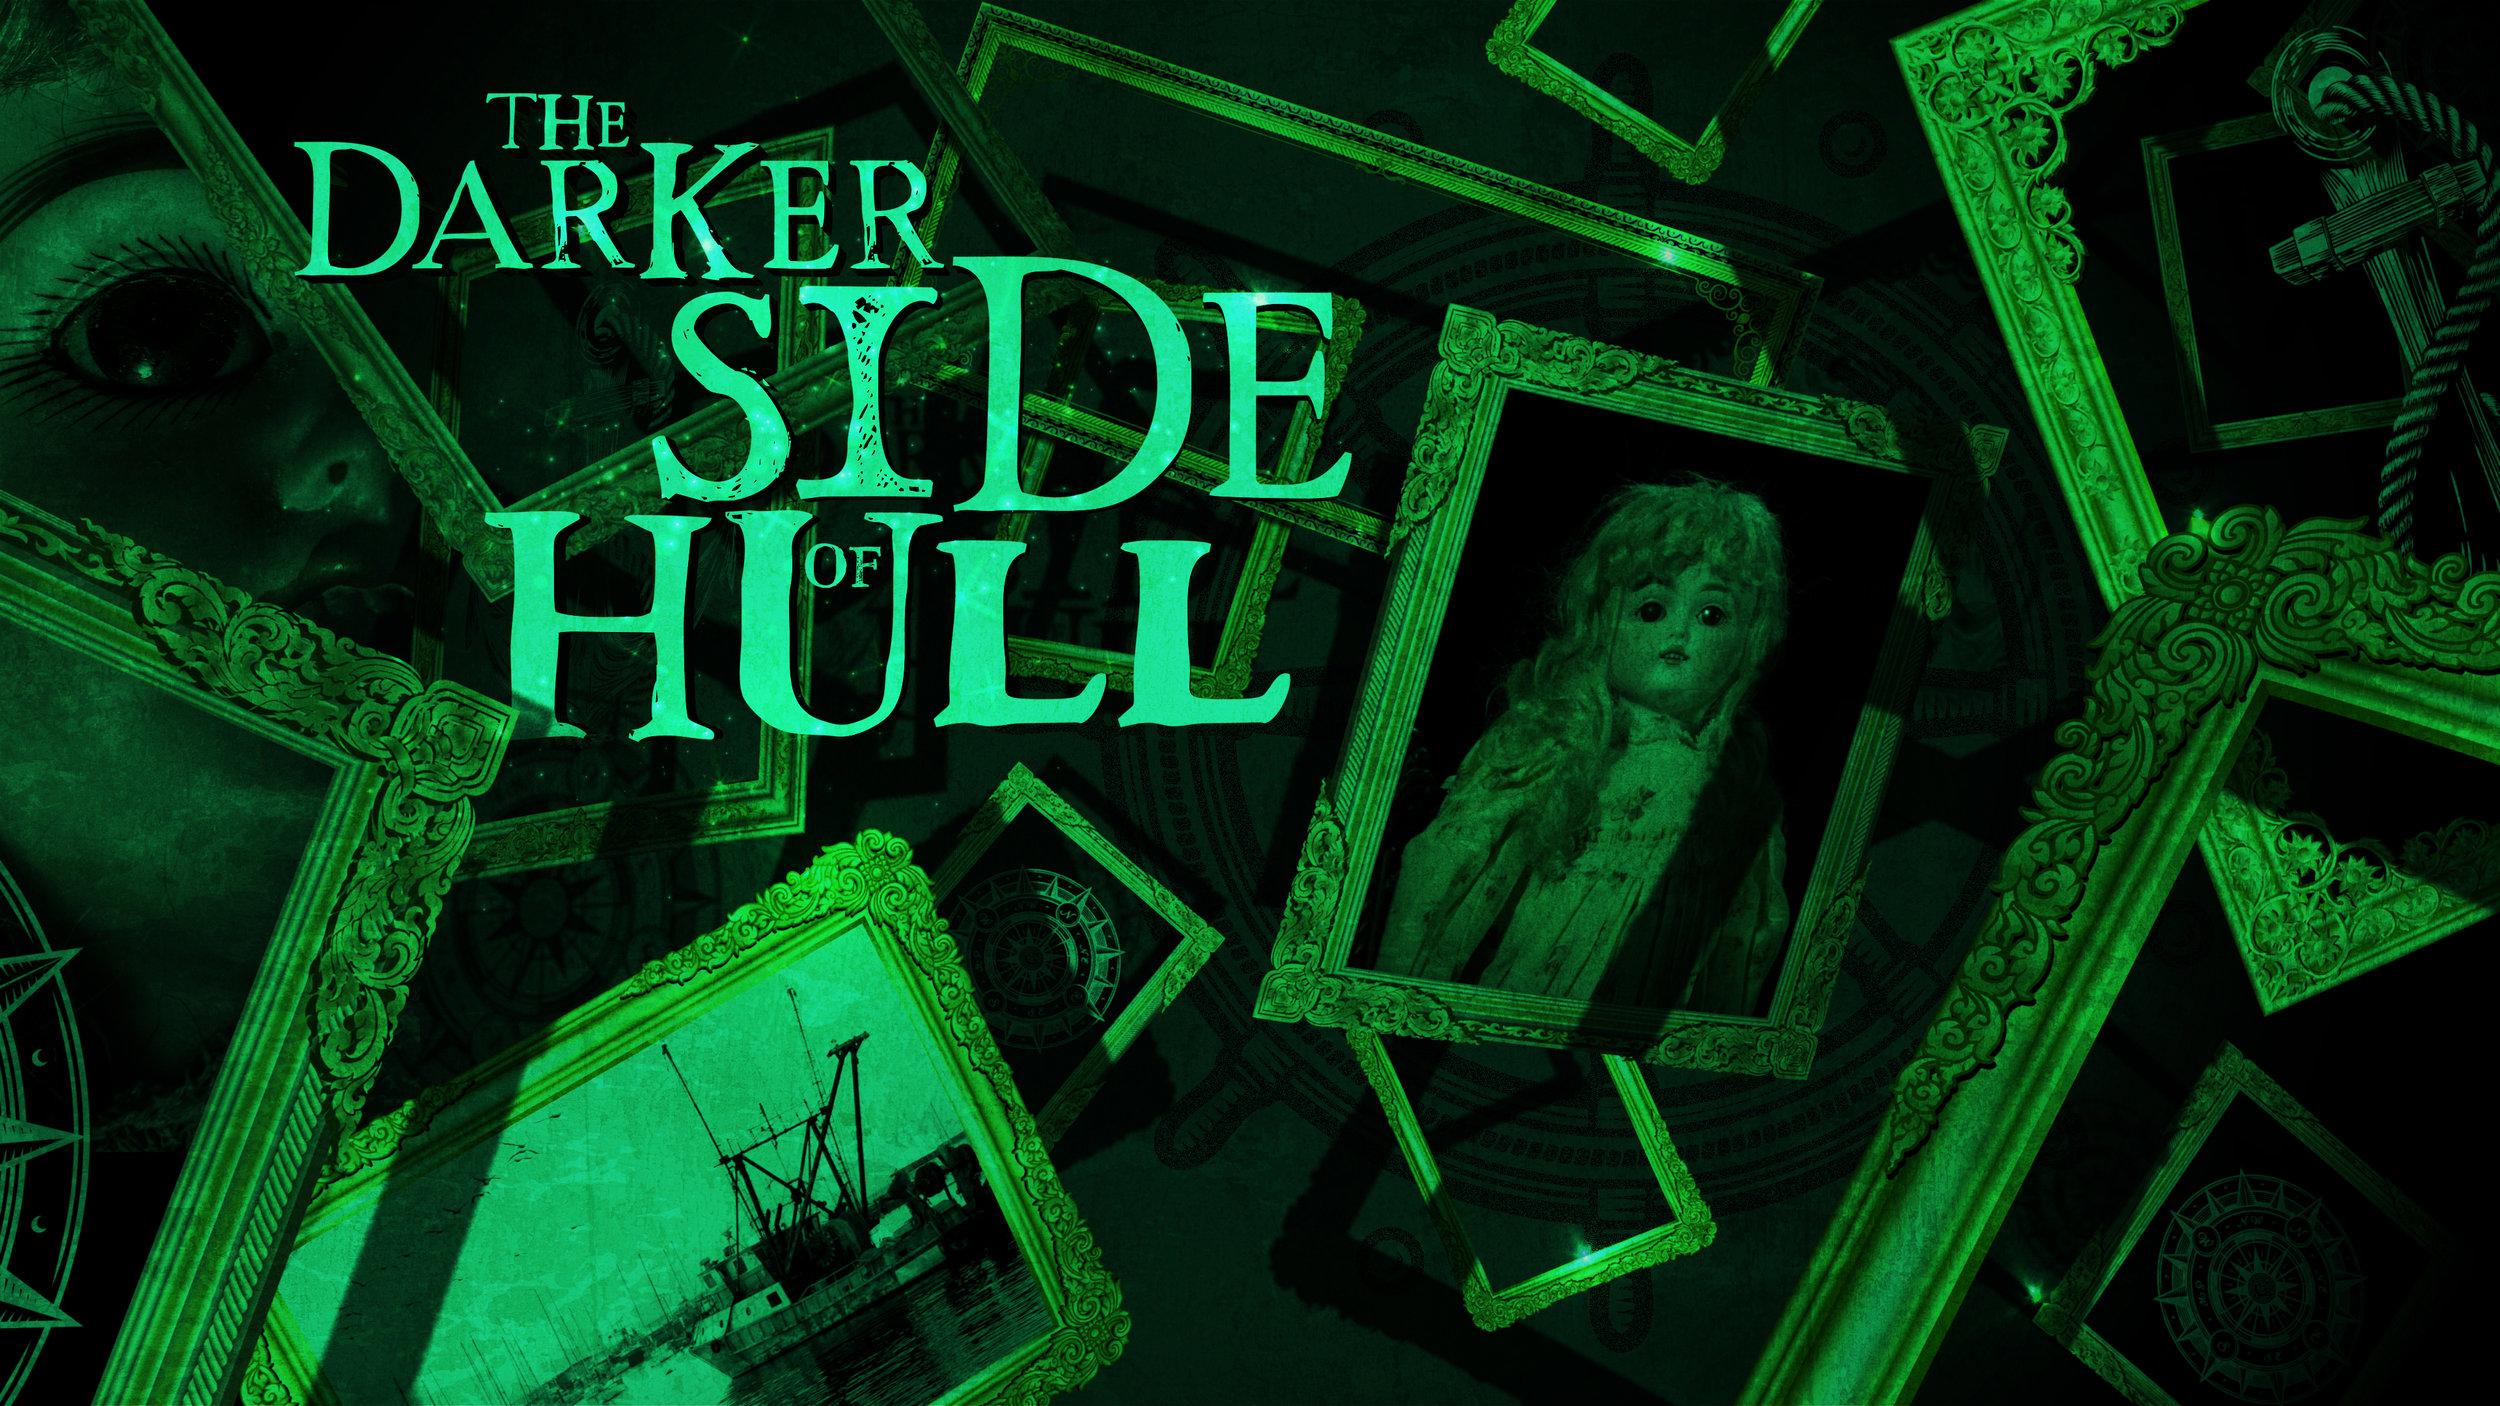 Darker Side of Hull